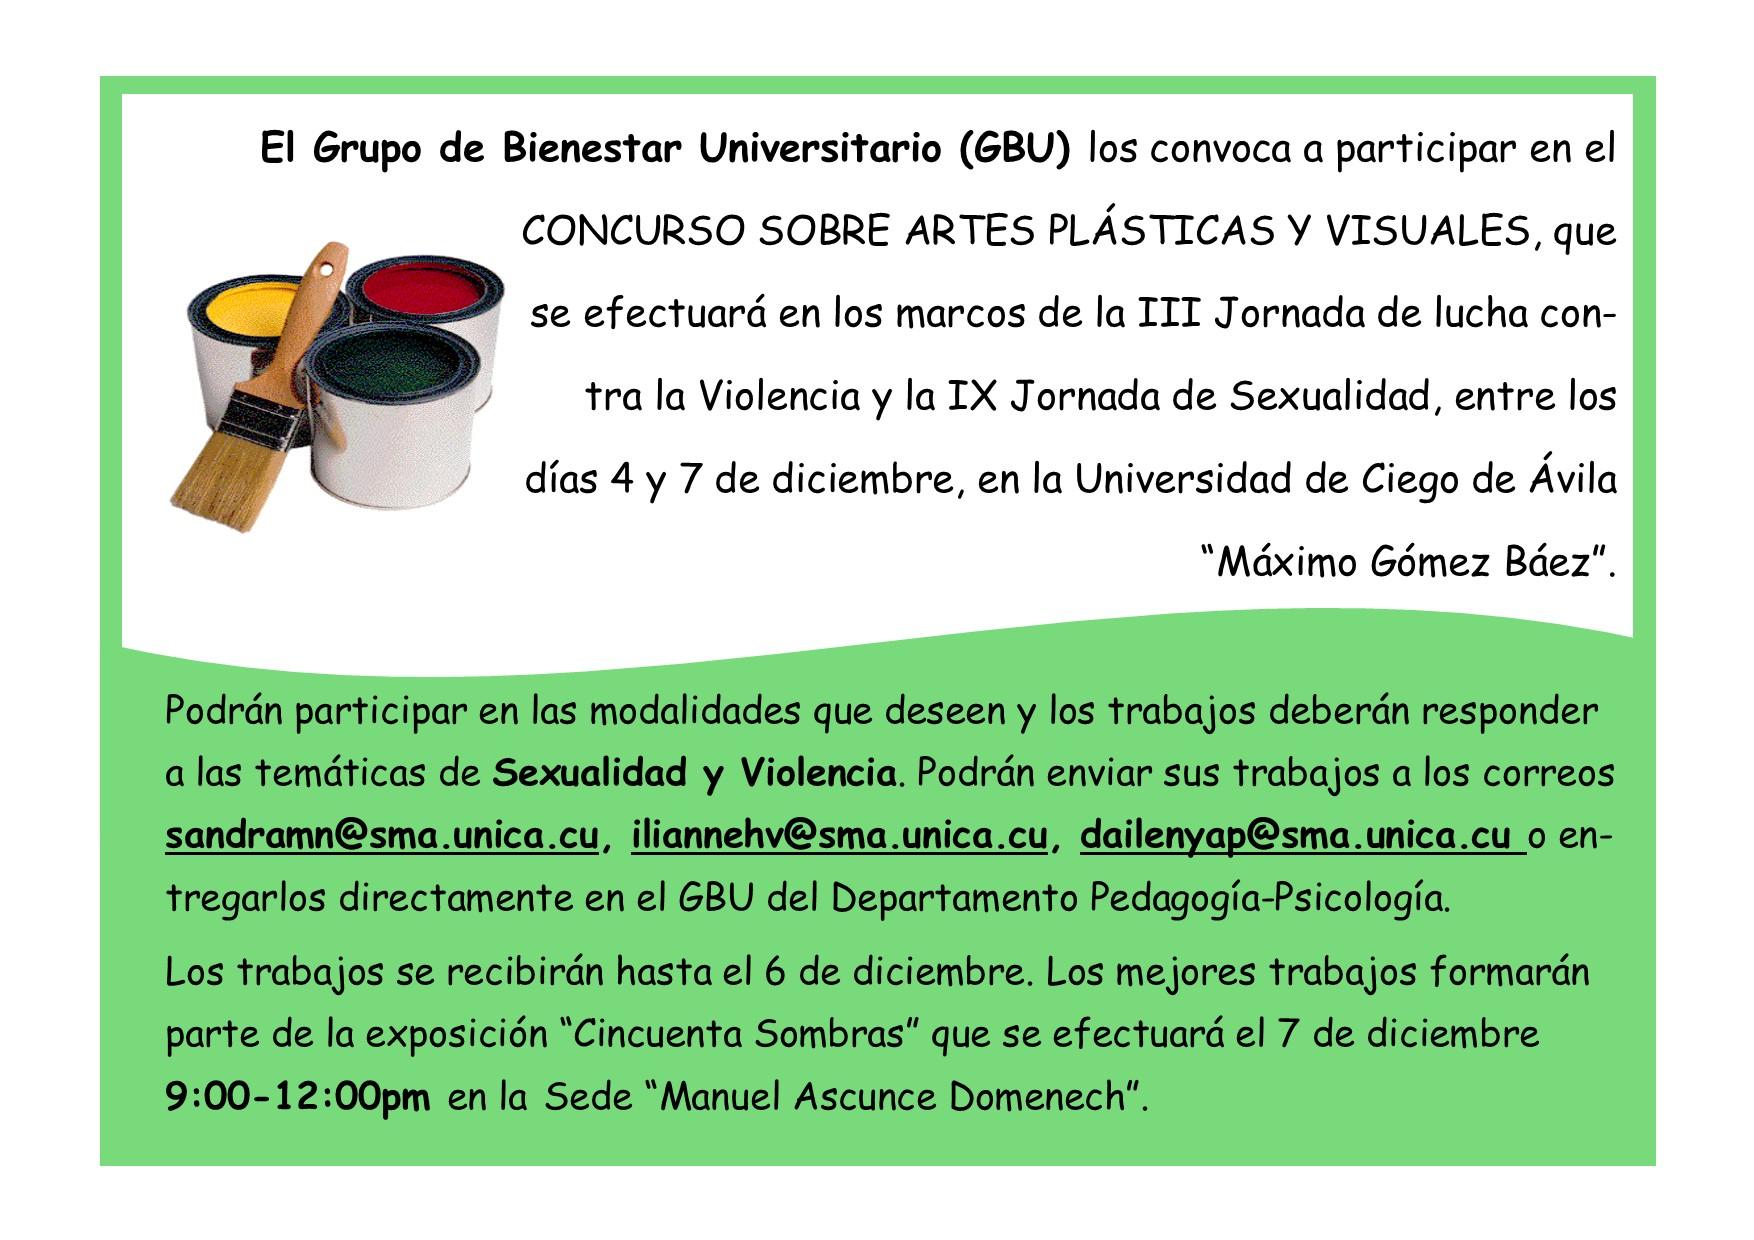 Concurso Artes Visuales1